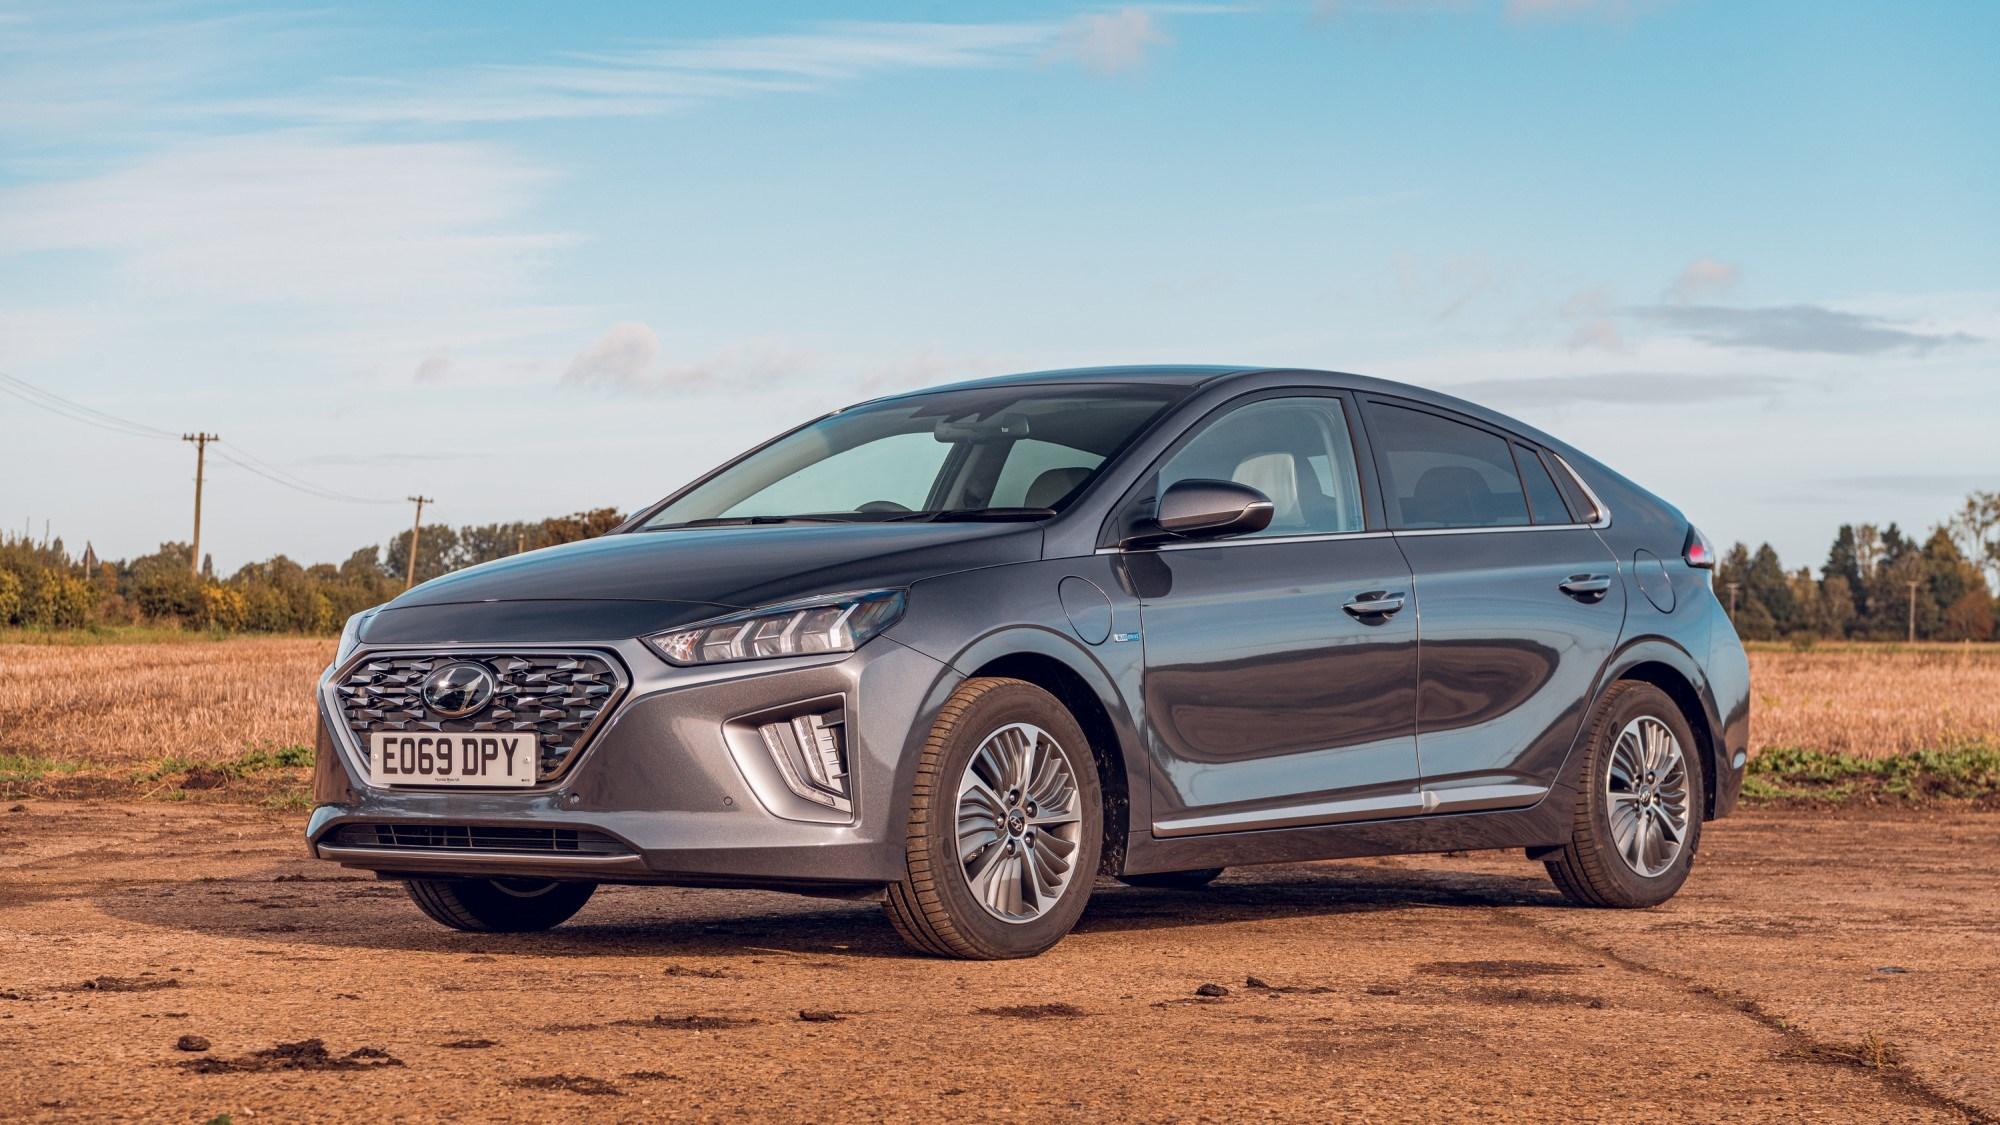 2020 Hyundai Ioniq Hybrid - front three quarter